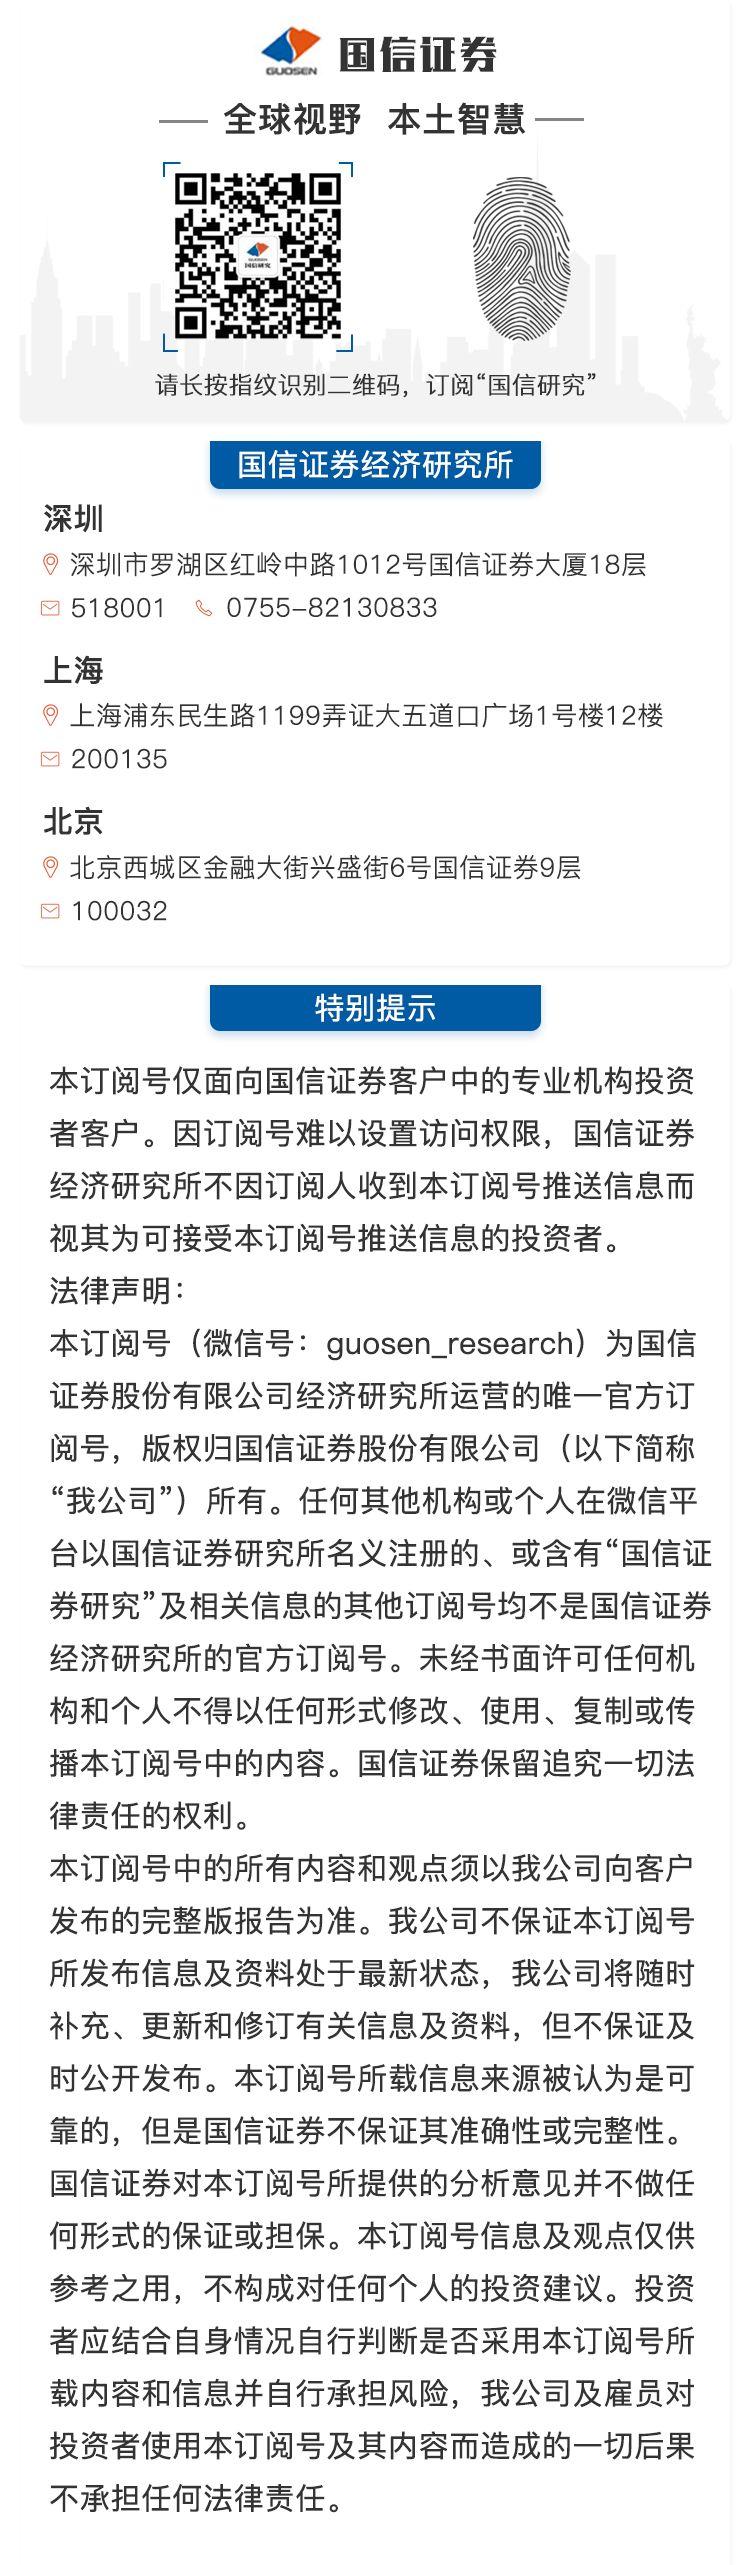 外交部:翟隽大使将担任中国政府中东问题特使